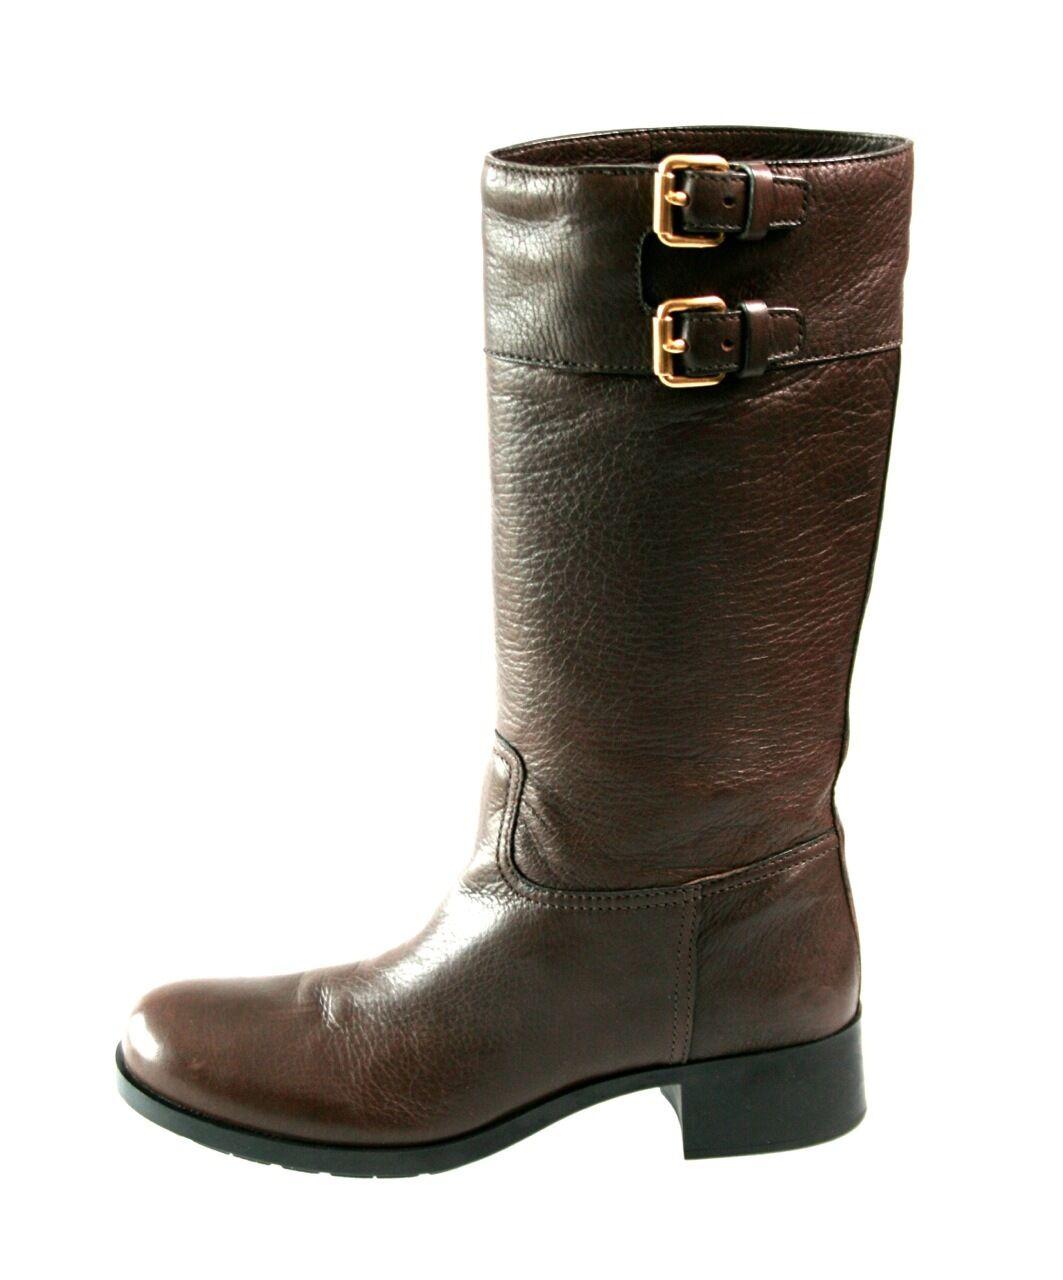 Prada de lujo botas 3w5356 ebano nuevo New 41 41,5